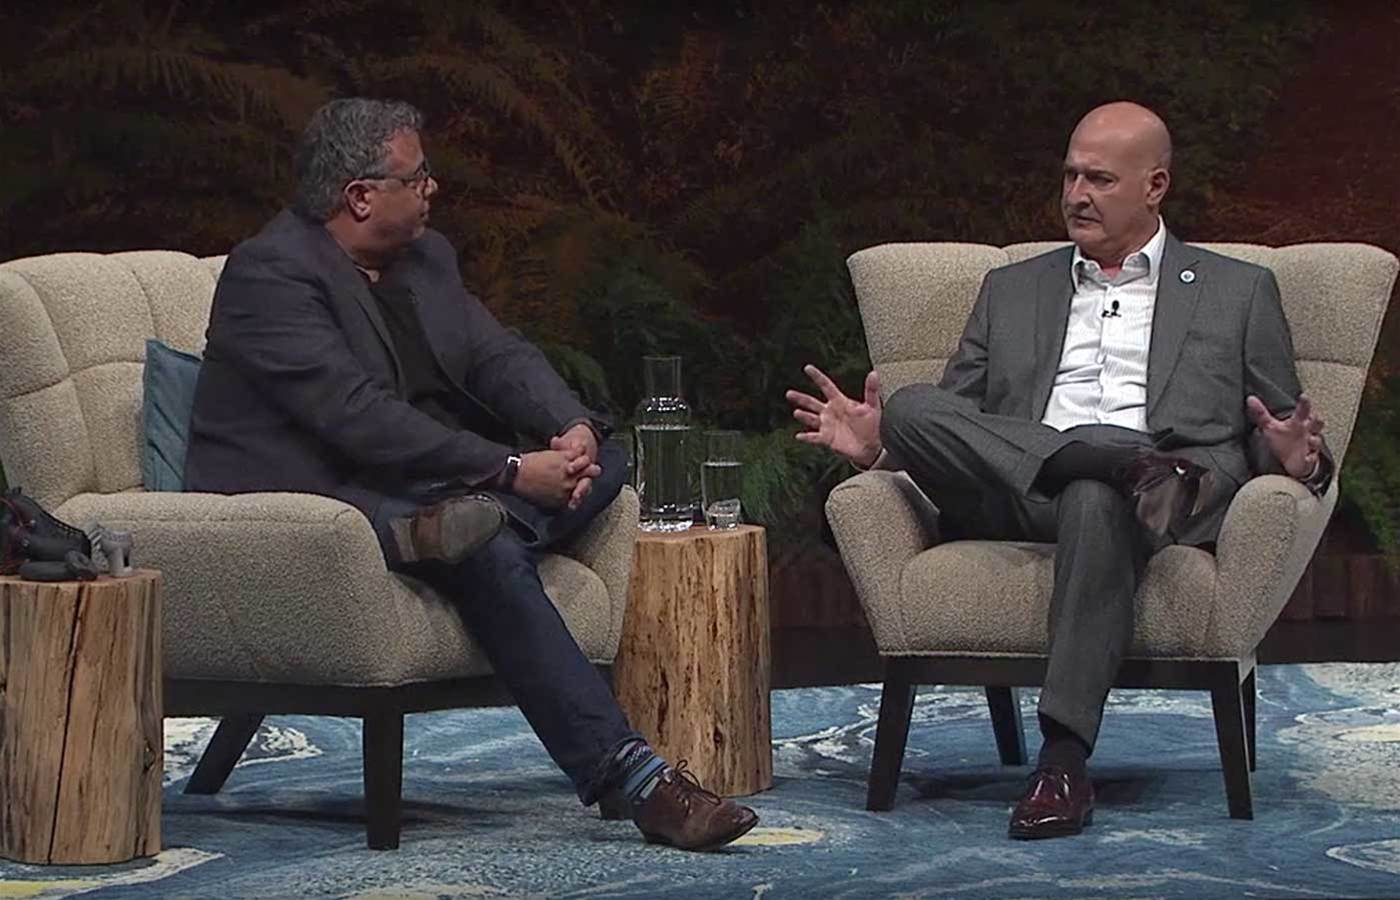 HP boss talks 3D printing at Dreamforce